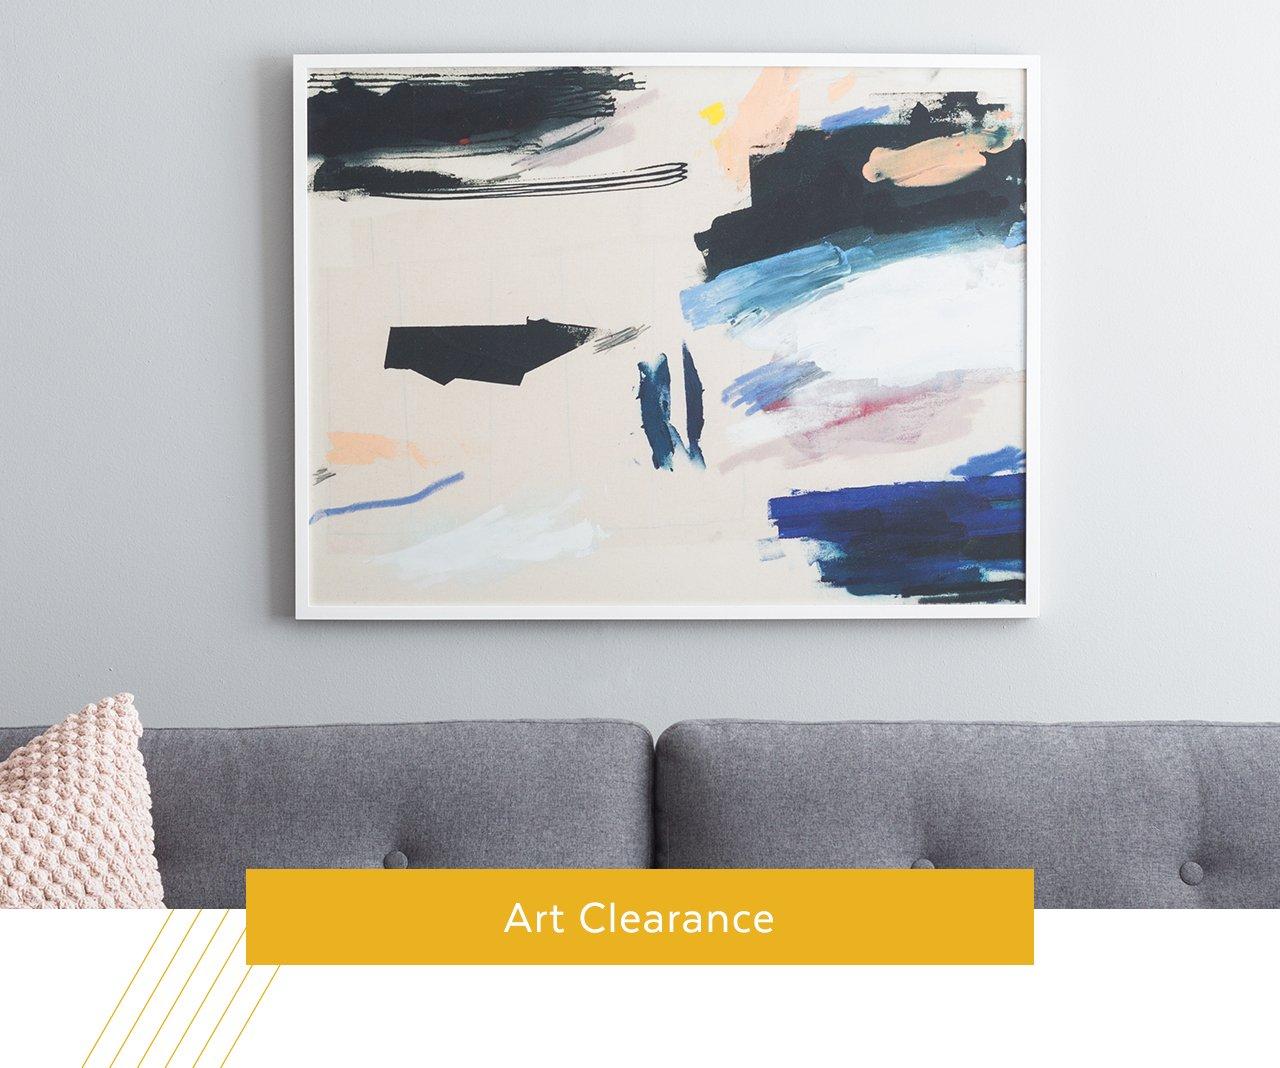 Art Clearance